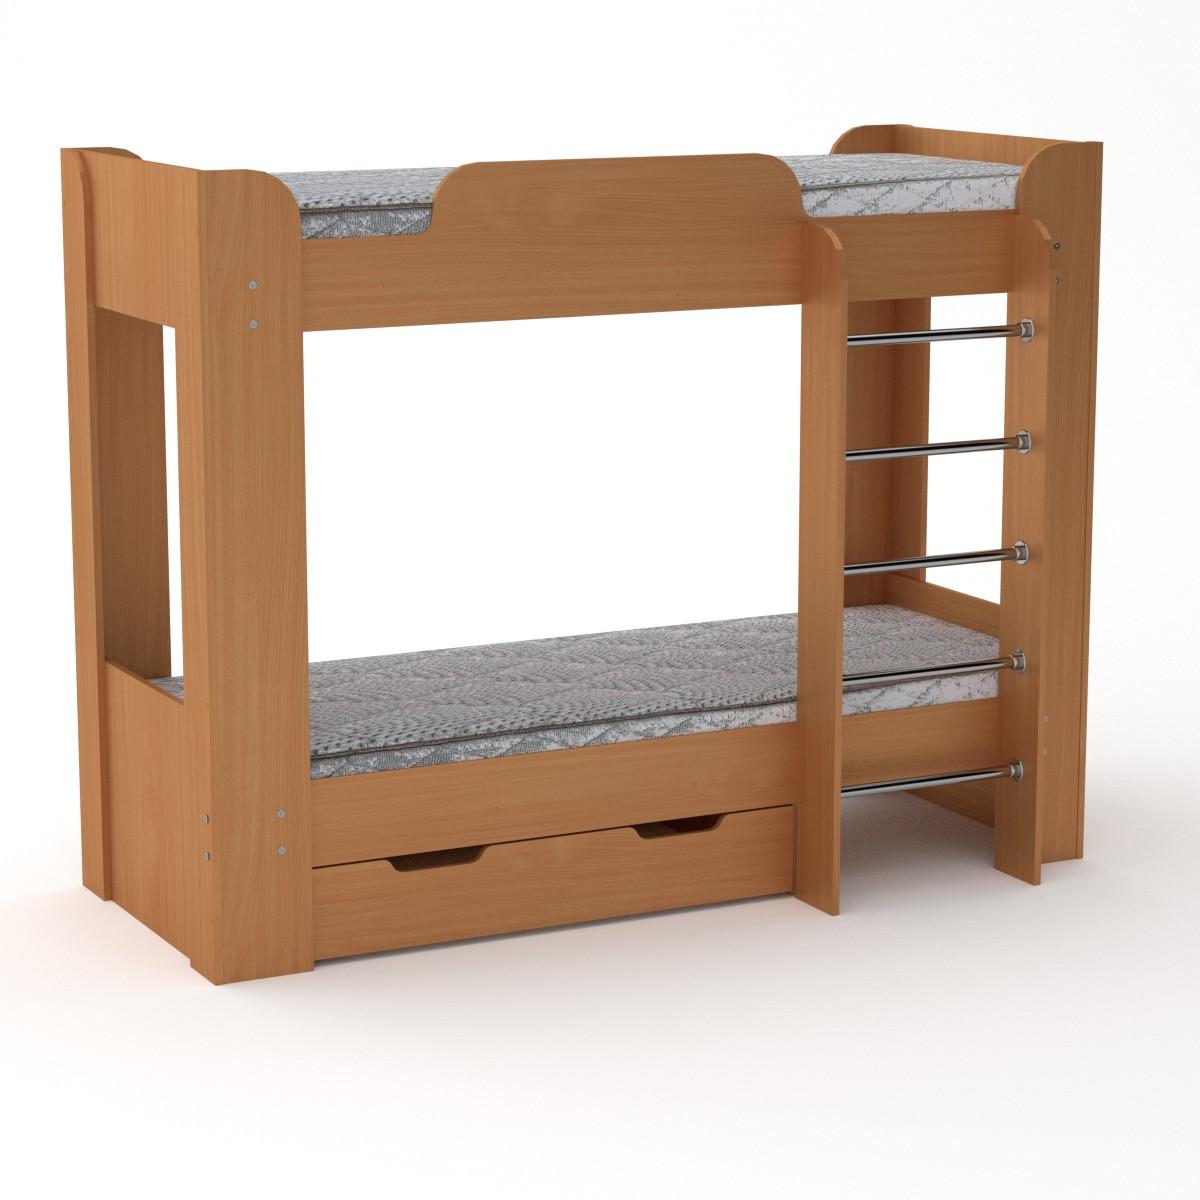 Ліжко двоярусне Твікс-2 Компаніт Бук